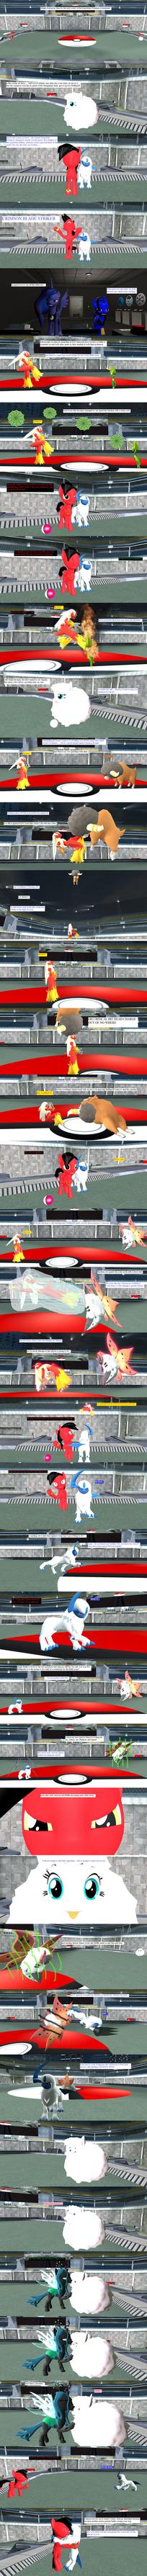 pokemon tournament Crimson vs Flufflepuff by kxp71